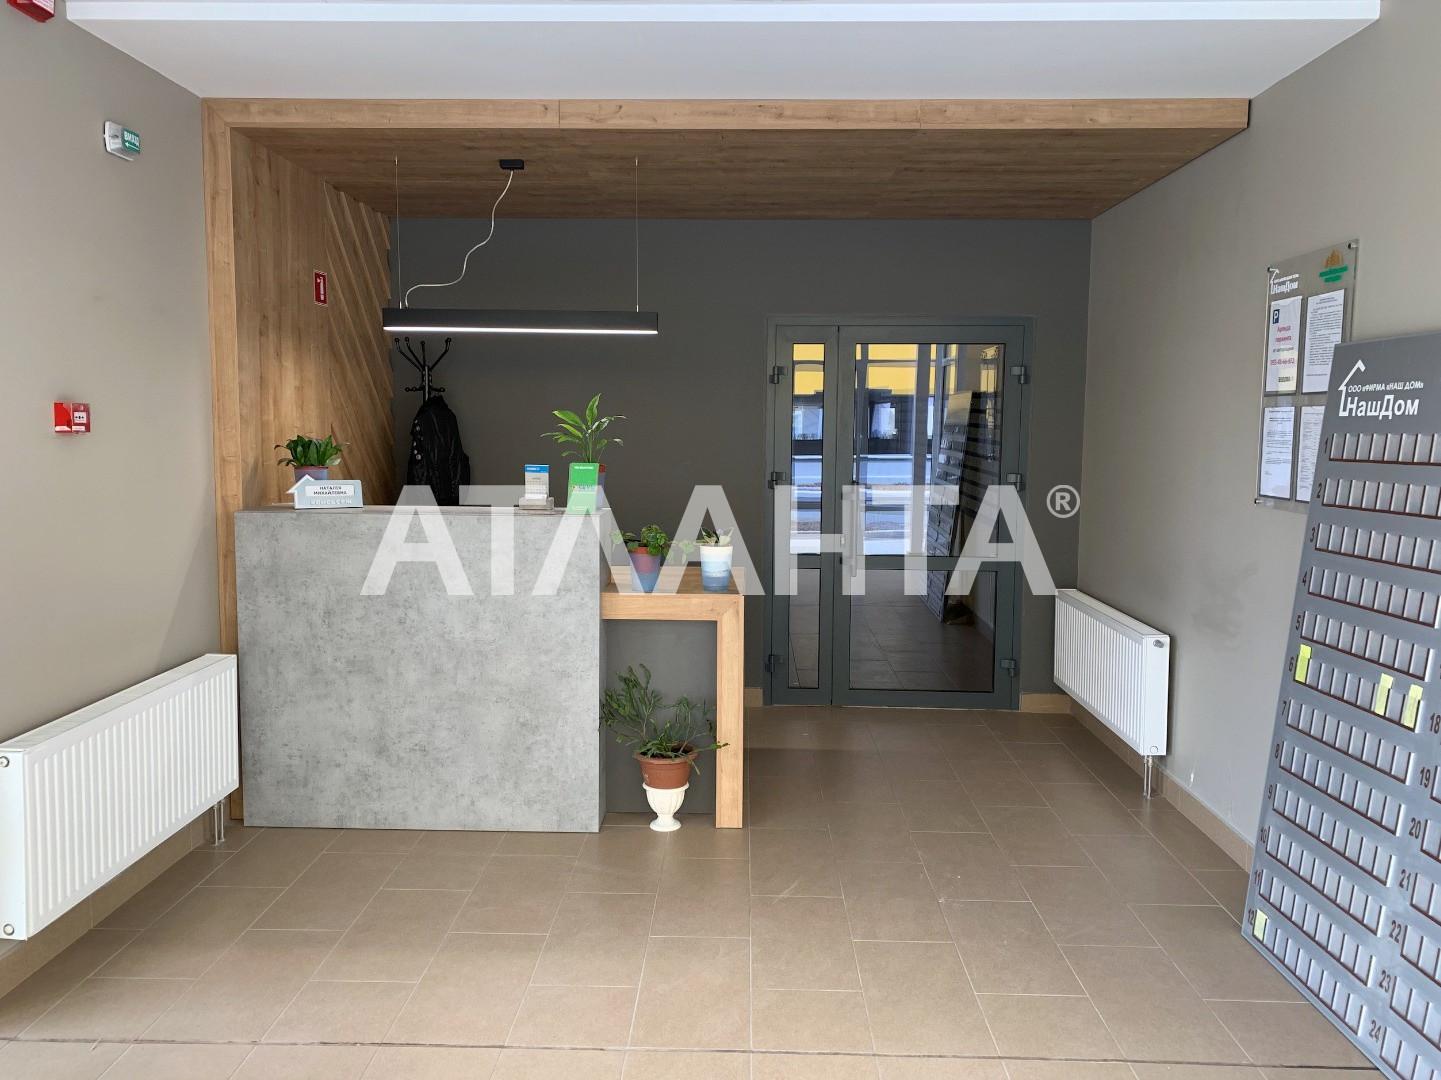 Продается 2-комнатная Квартира на ул. Михайловская (Индустриальная) — 46 000 у.е. (фото №16)